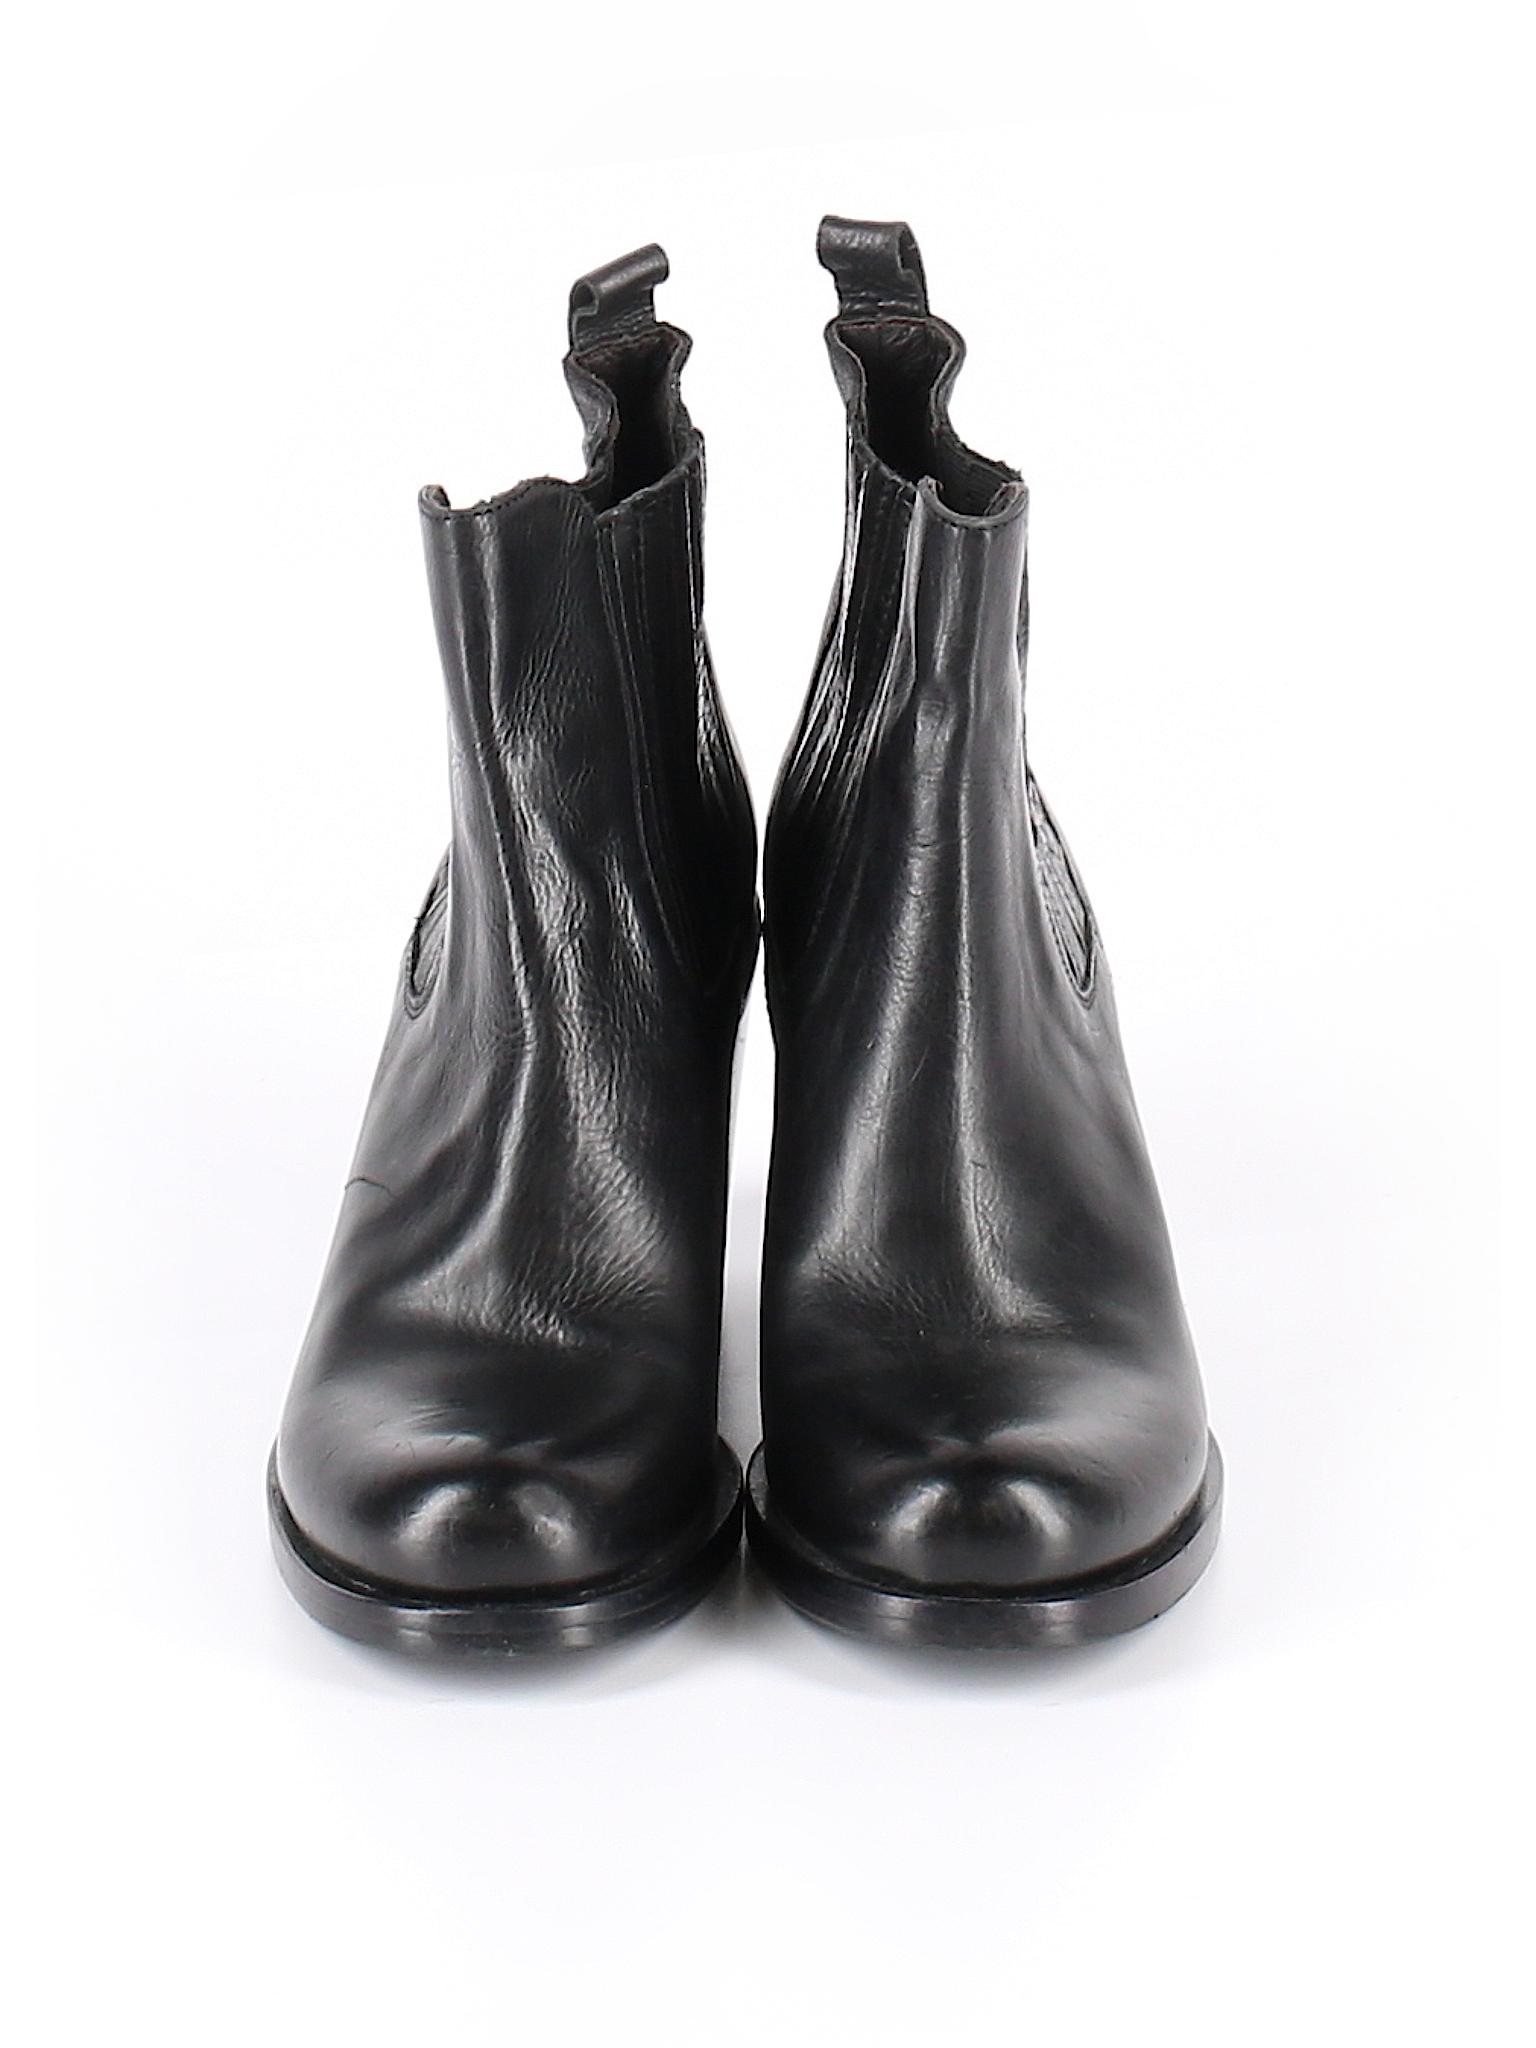 promotion Boutique BOEMOS promotion Boots Ankle BOEMOS Boutique d5xrx